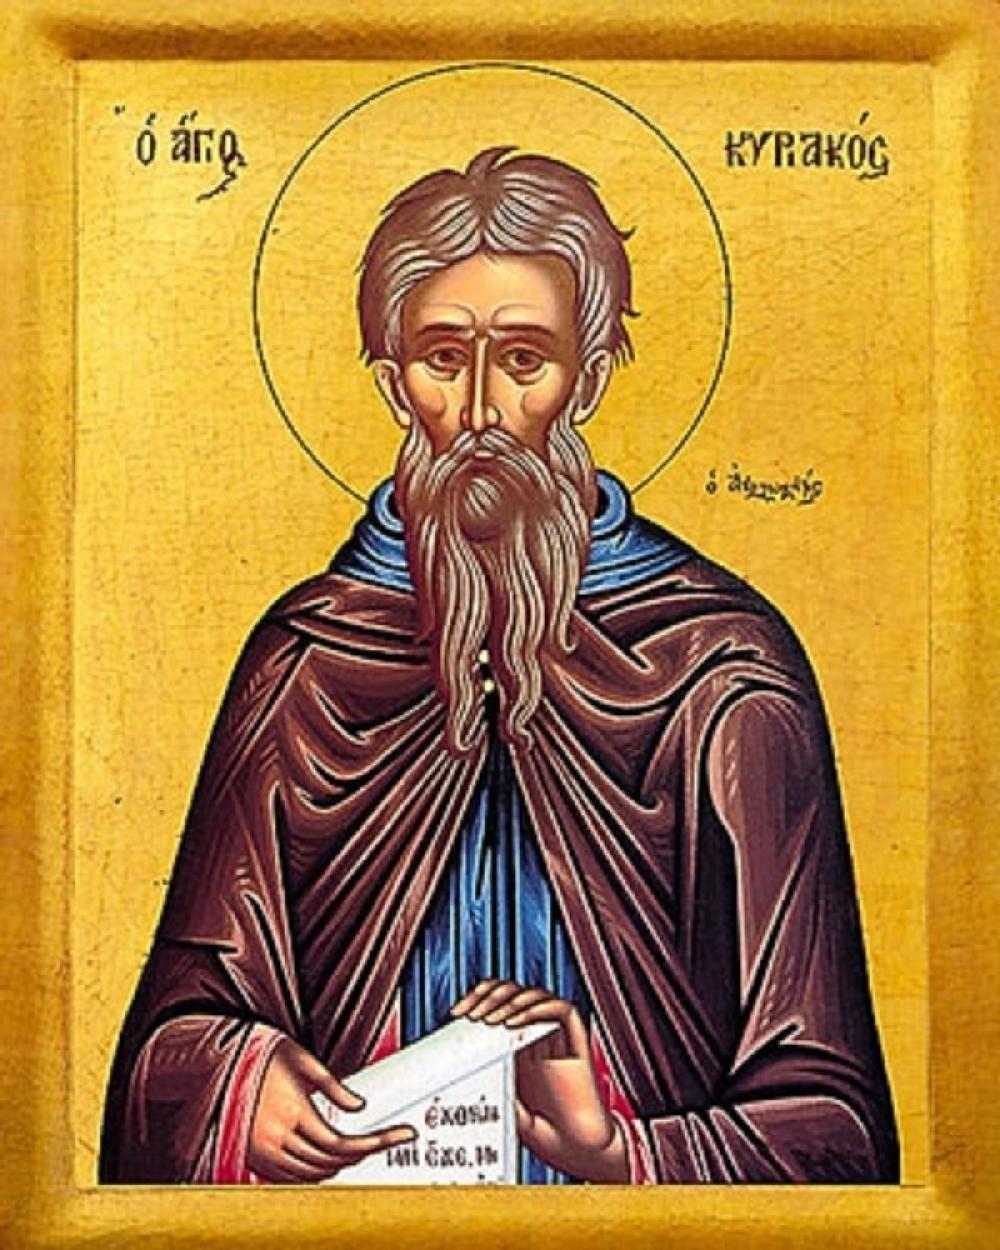 Sveti Kirijak